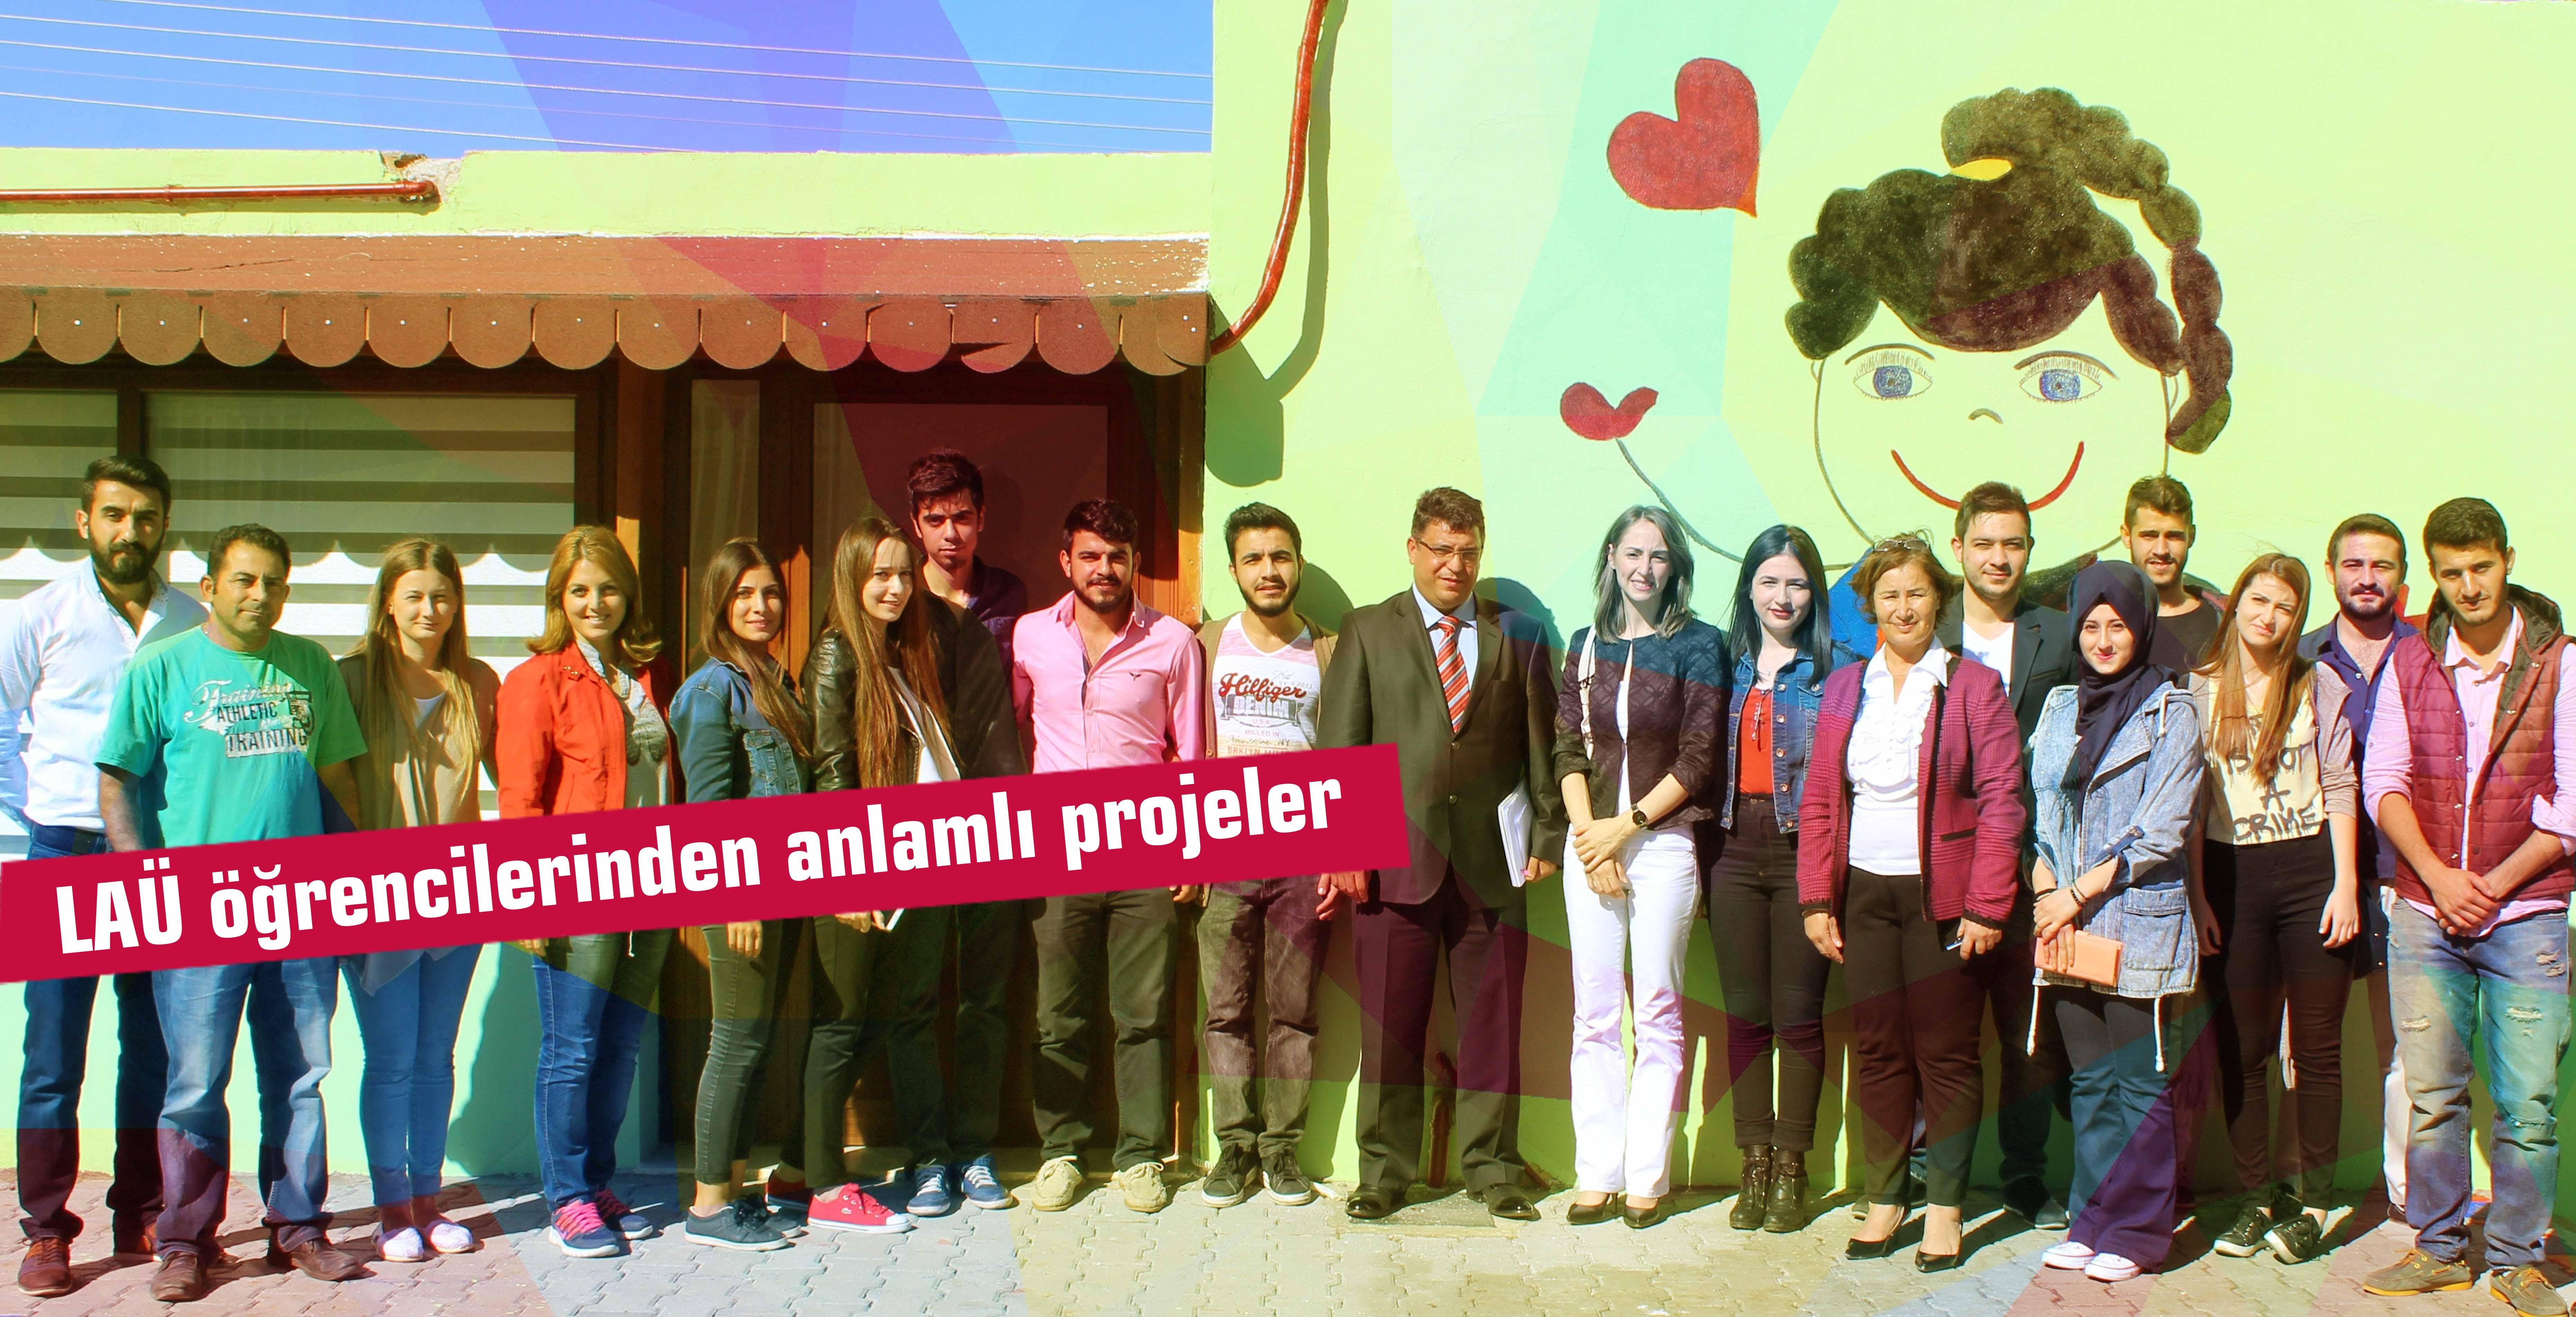 LAÜ öğrencilerinden anlamlı projeler